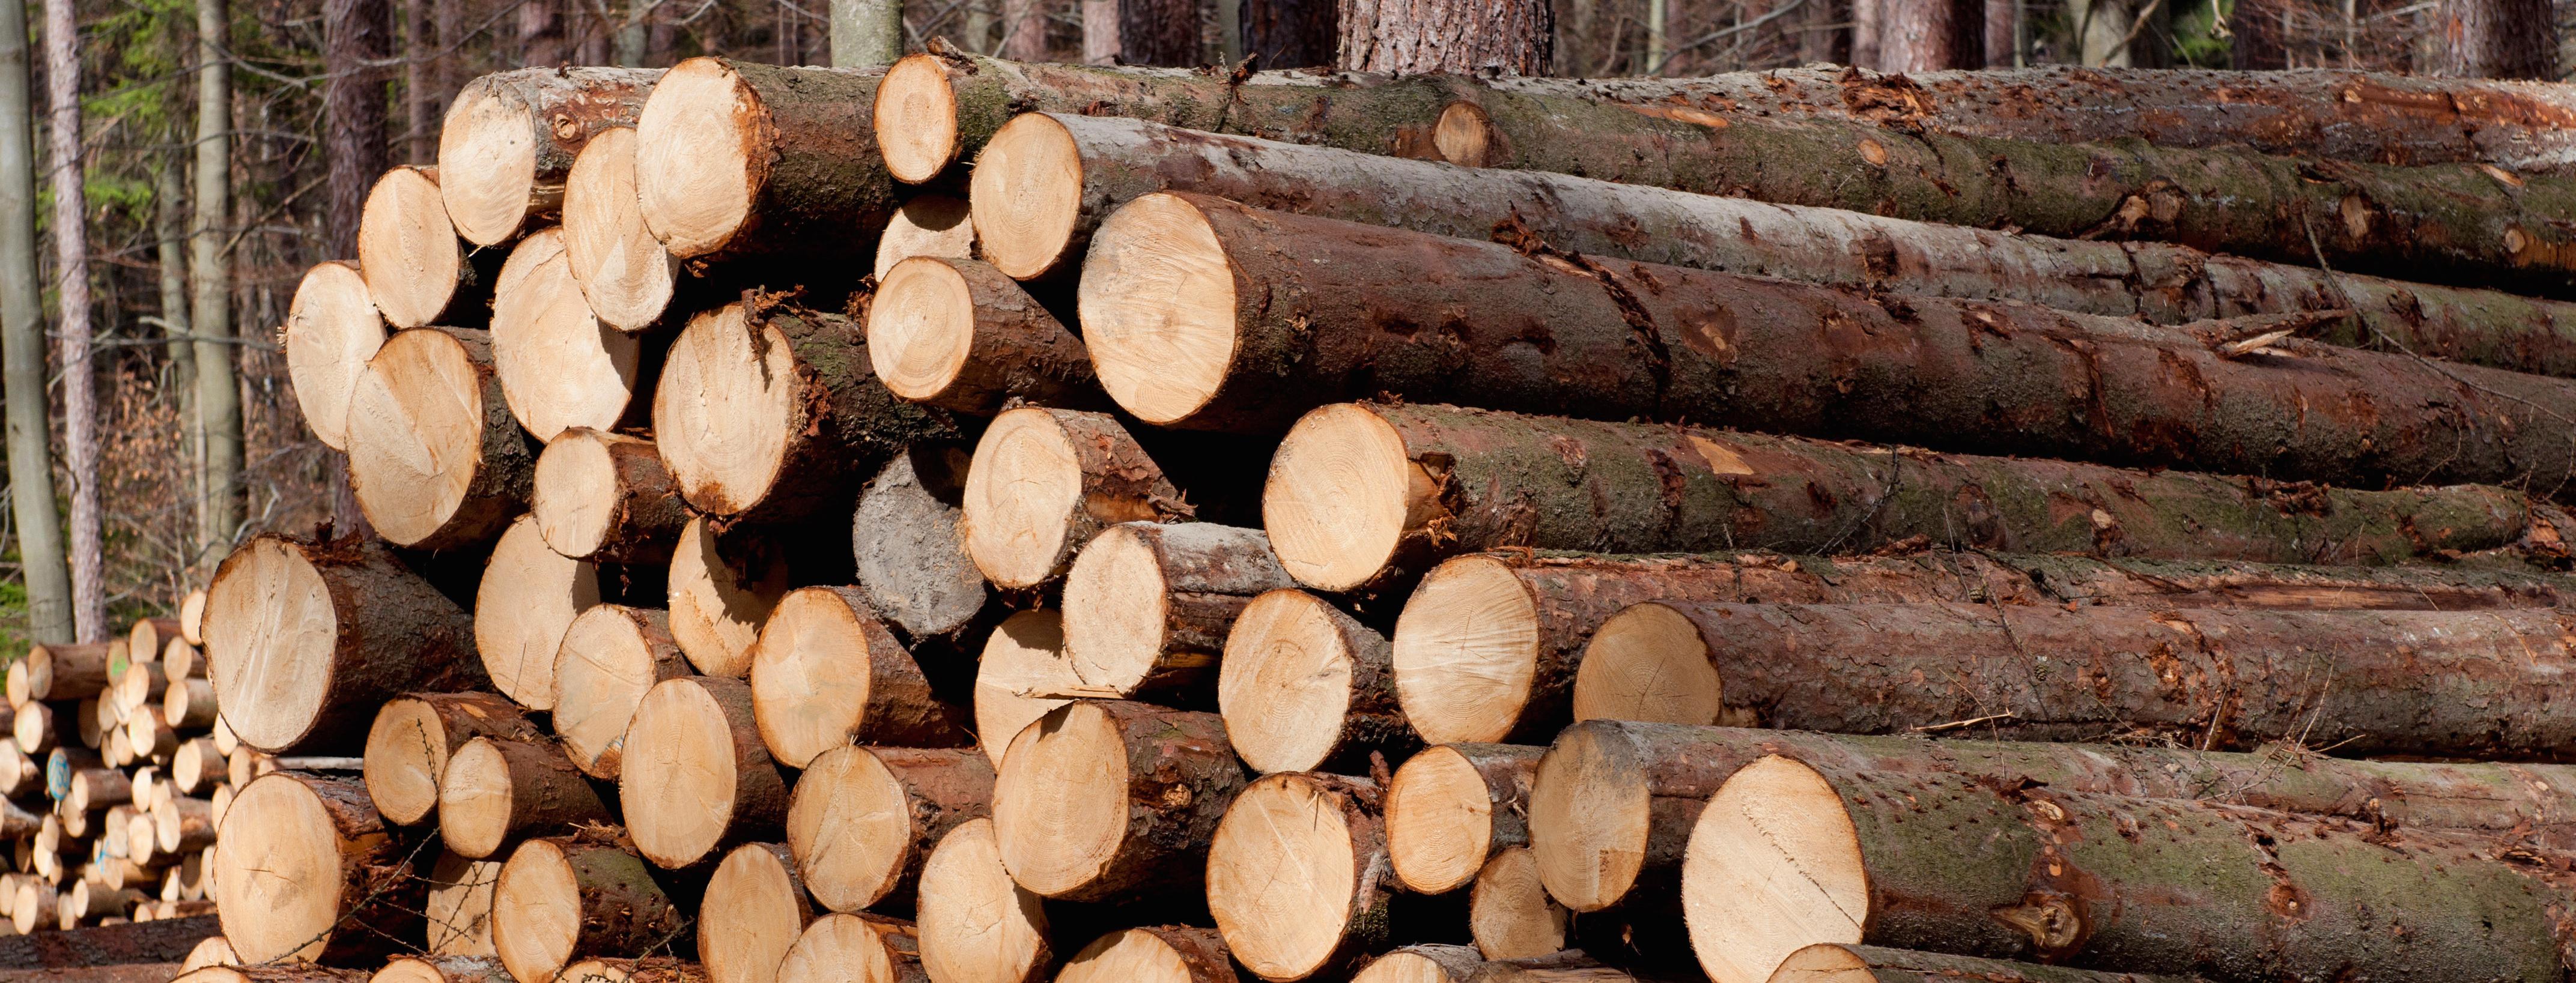 Logging-1.jpg